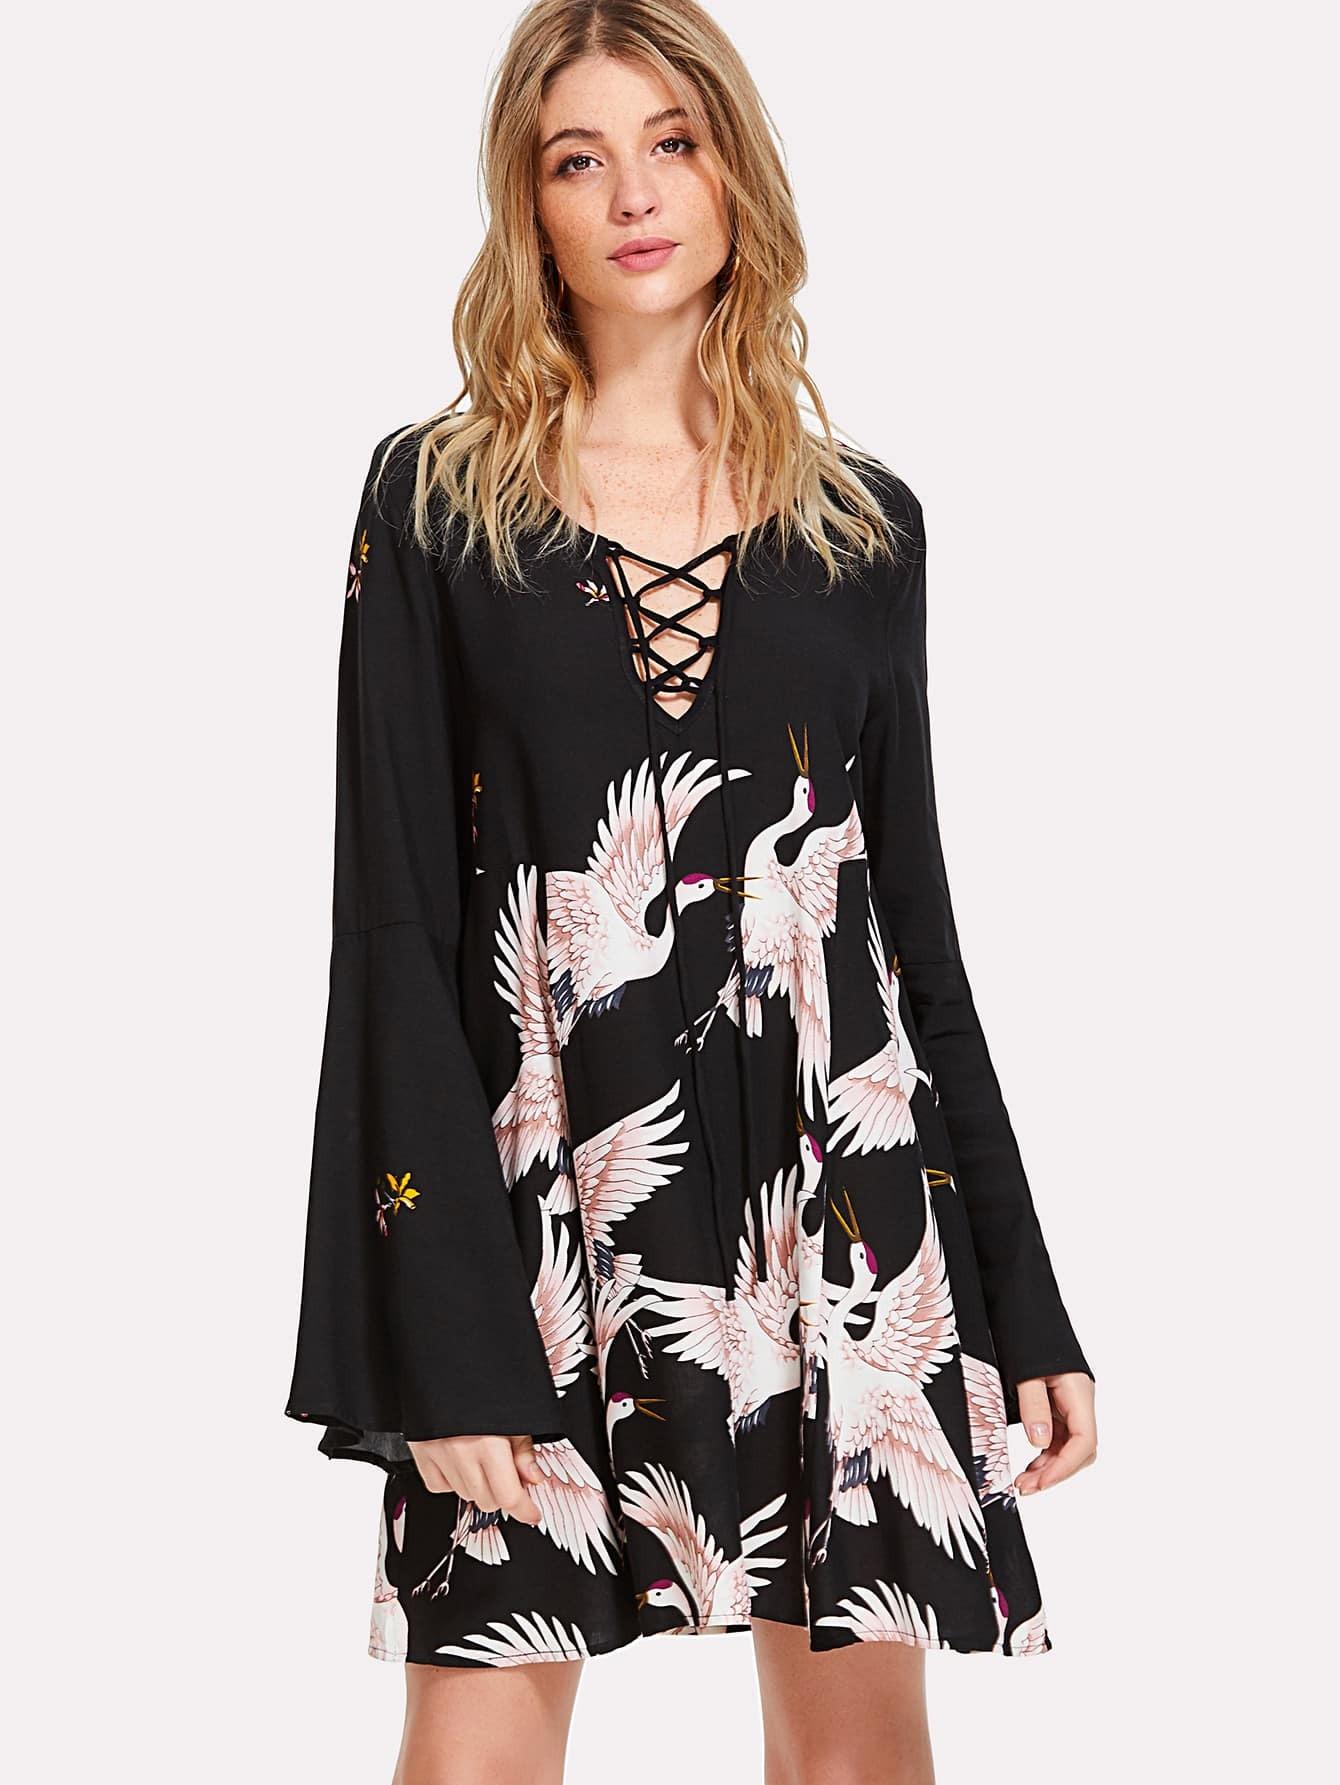 Crane Bird Print Lace Up Neck Dress butterfly print lace up slip dress